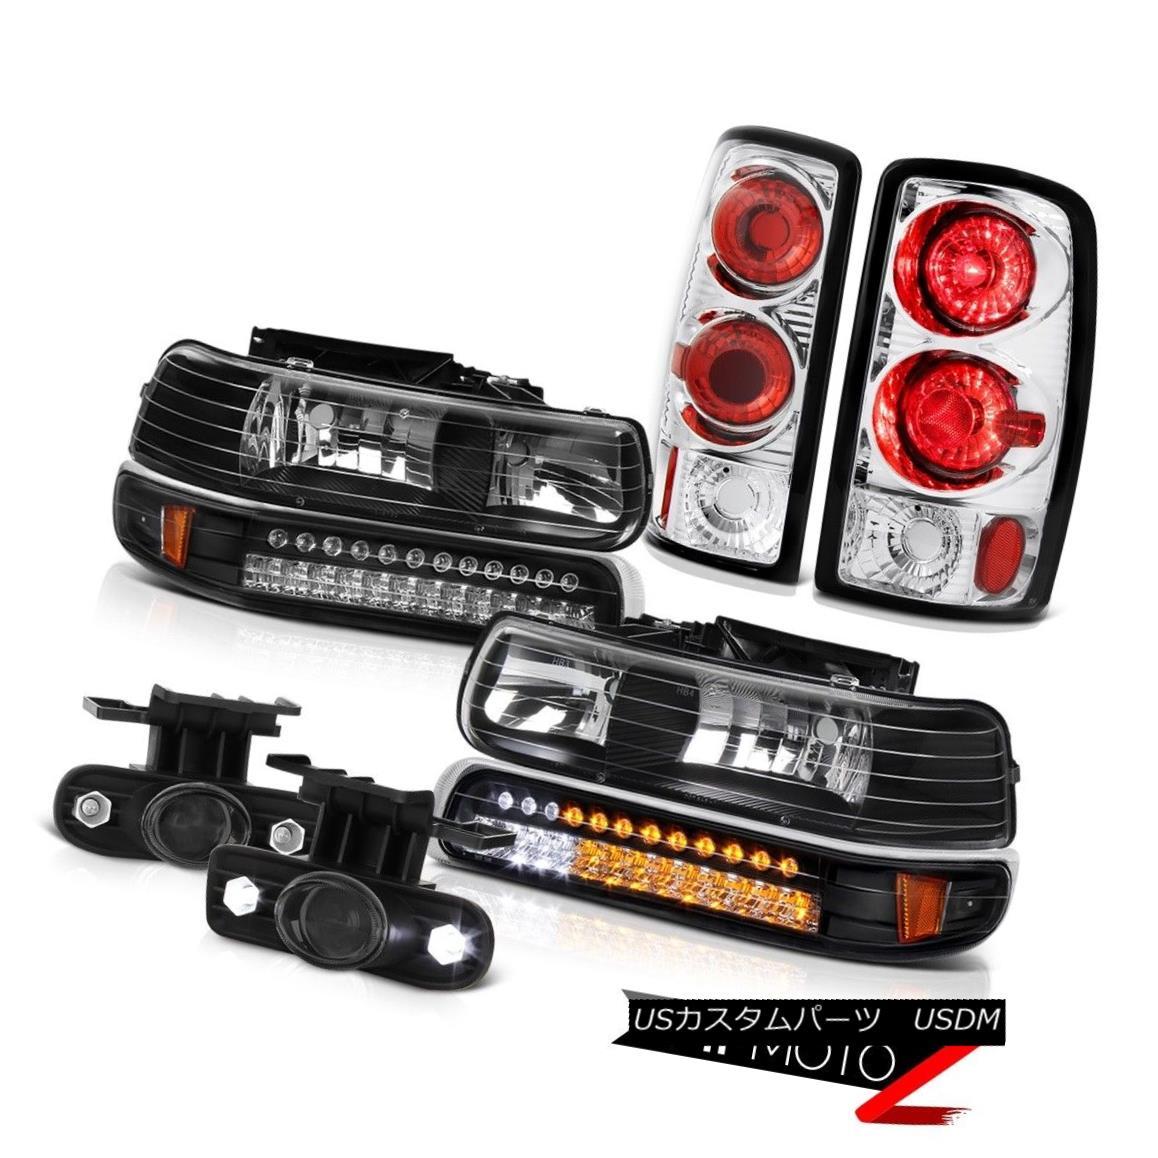 テールライト 00 01 02 03 04 05 06 Suburban 2500 DRL Bumper+Headlamp Tail Light Fog Lamps 00 01 02 03 04 05 06郊外2500 DRLバンパー+ヘッドラム pテールライトフォグランプ